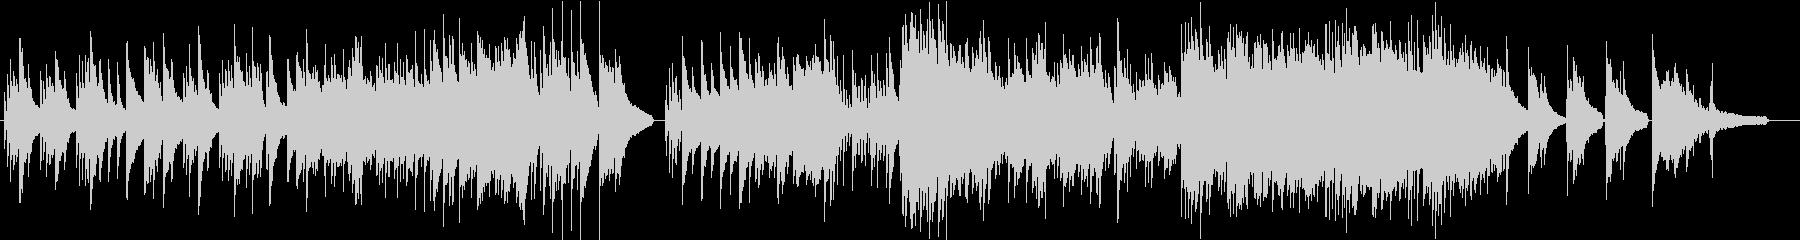 オリエンタルでメロディアスなピアノソロの未再生の波形